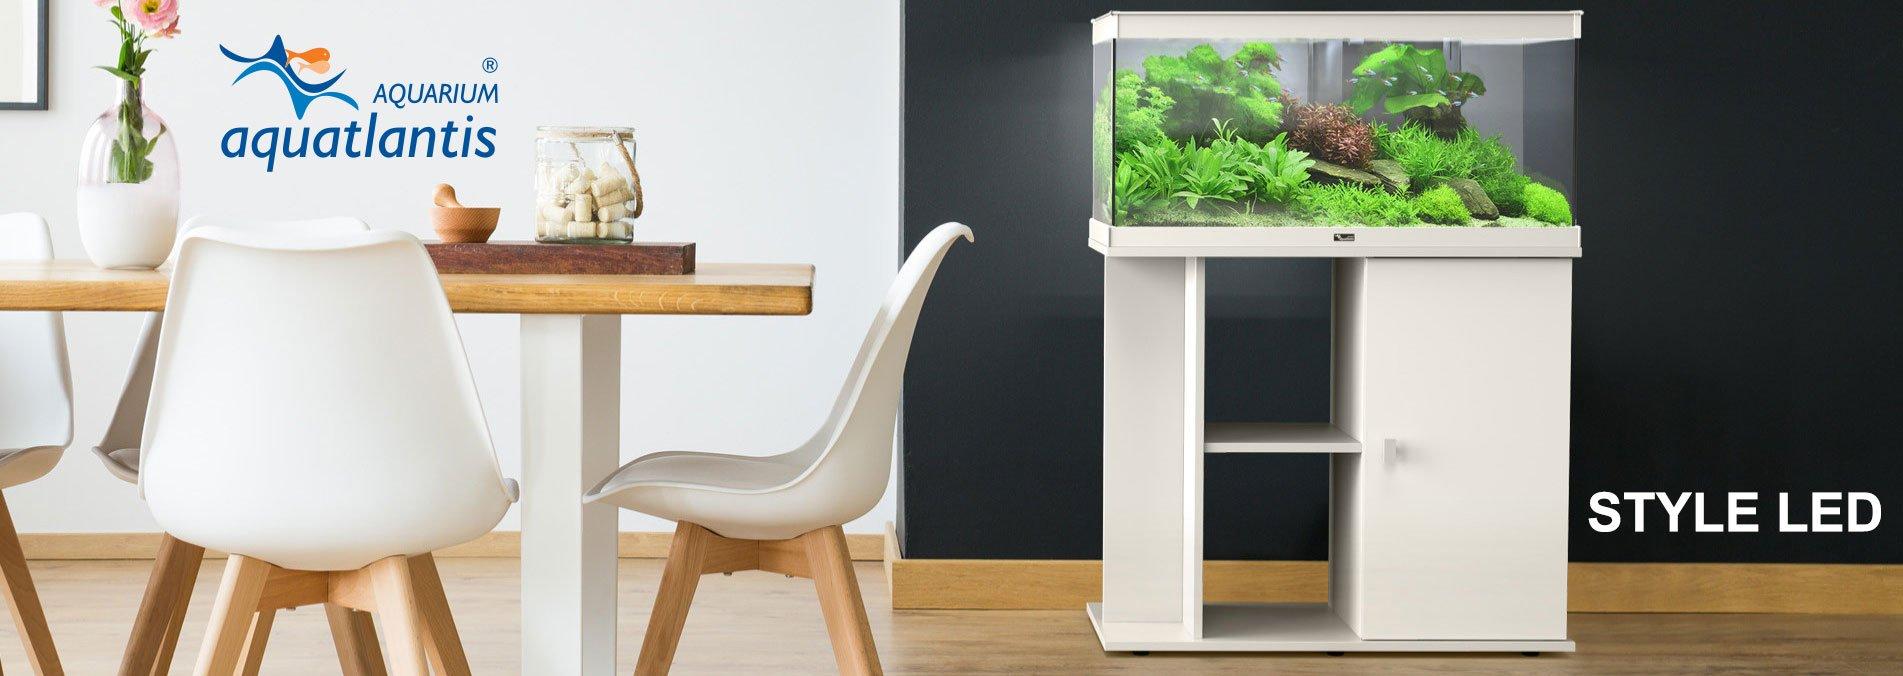 Aquatlantis Style LED Aquarien, Bild 1